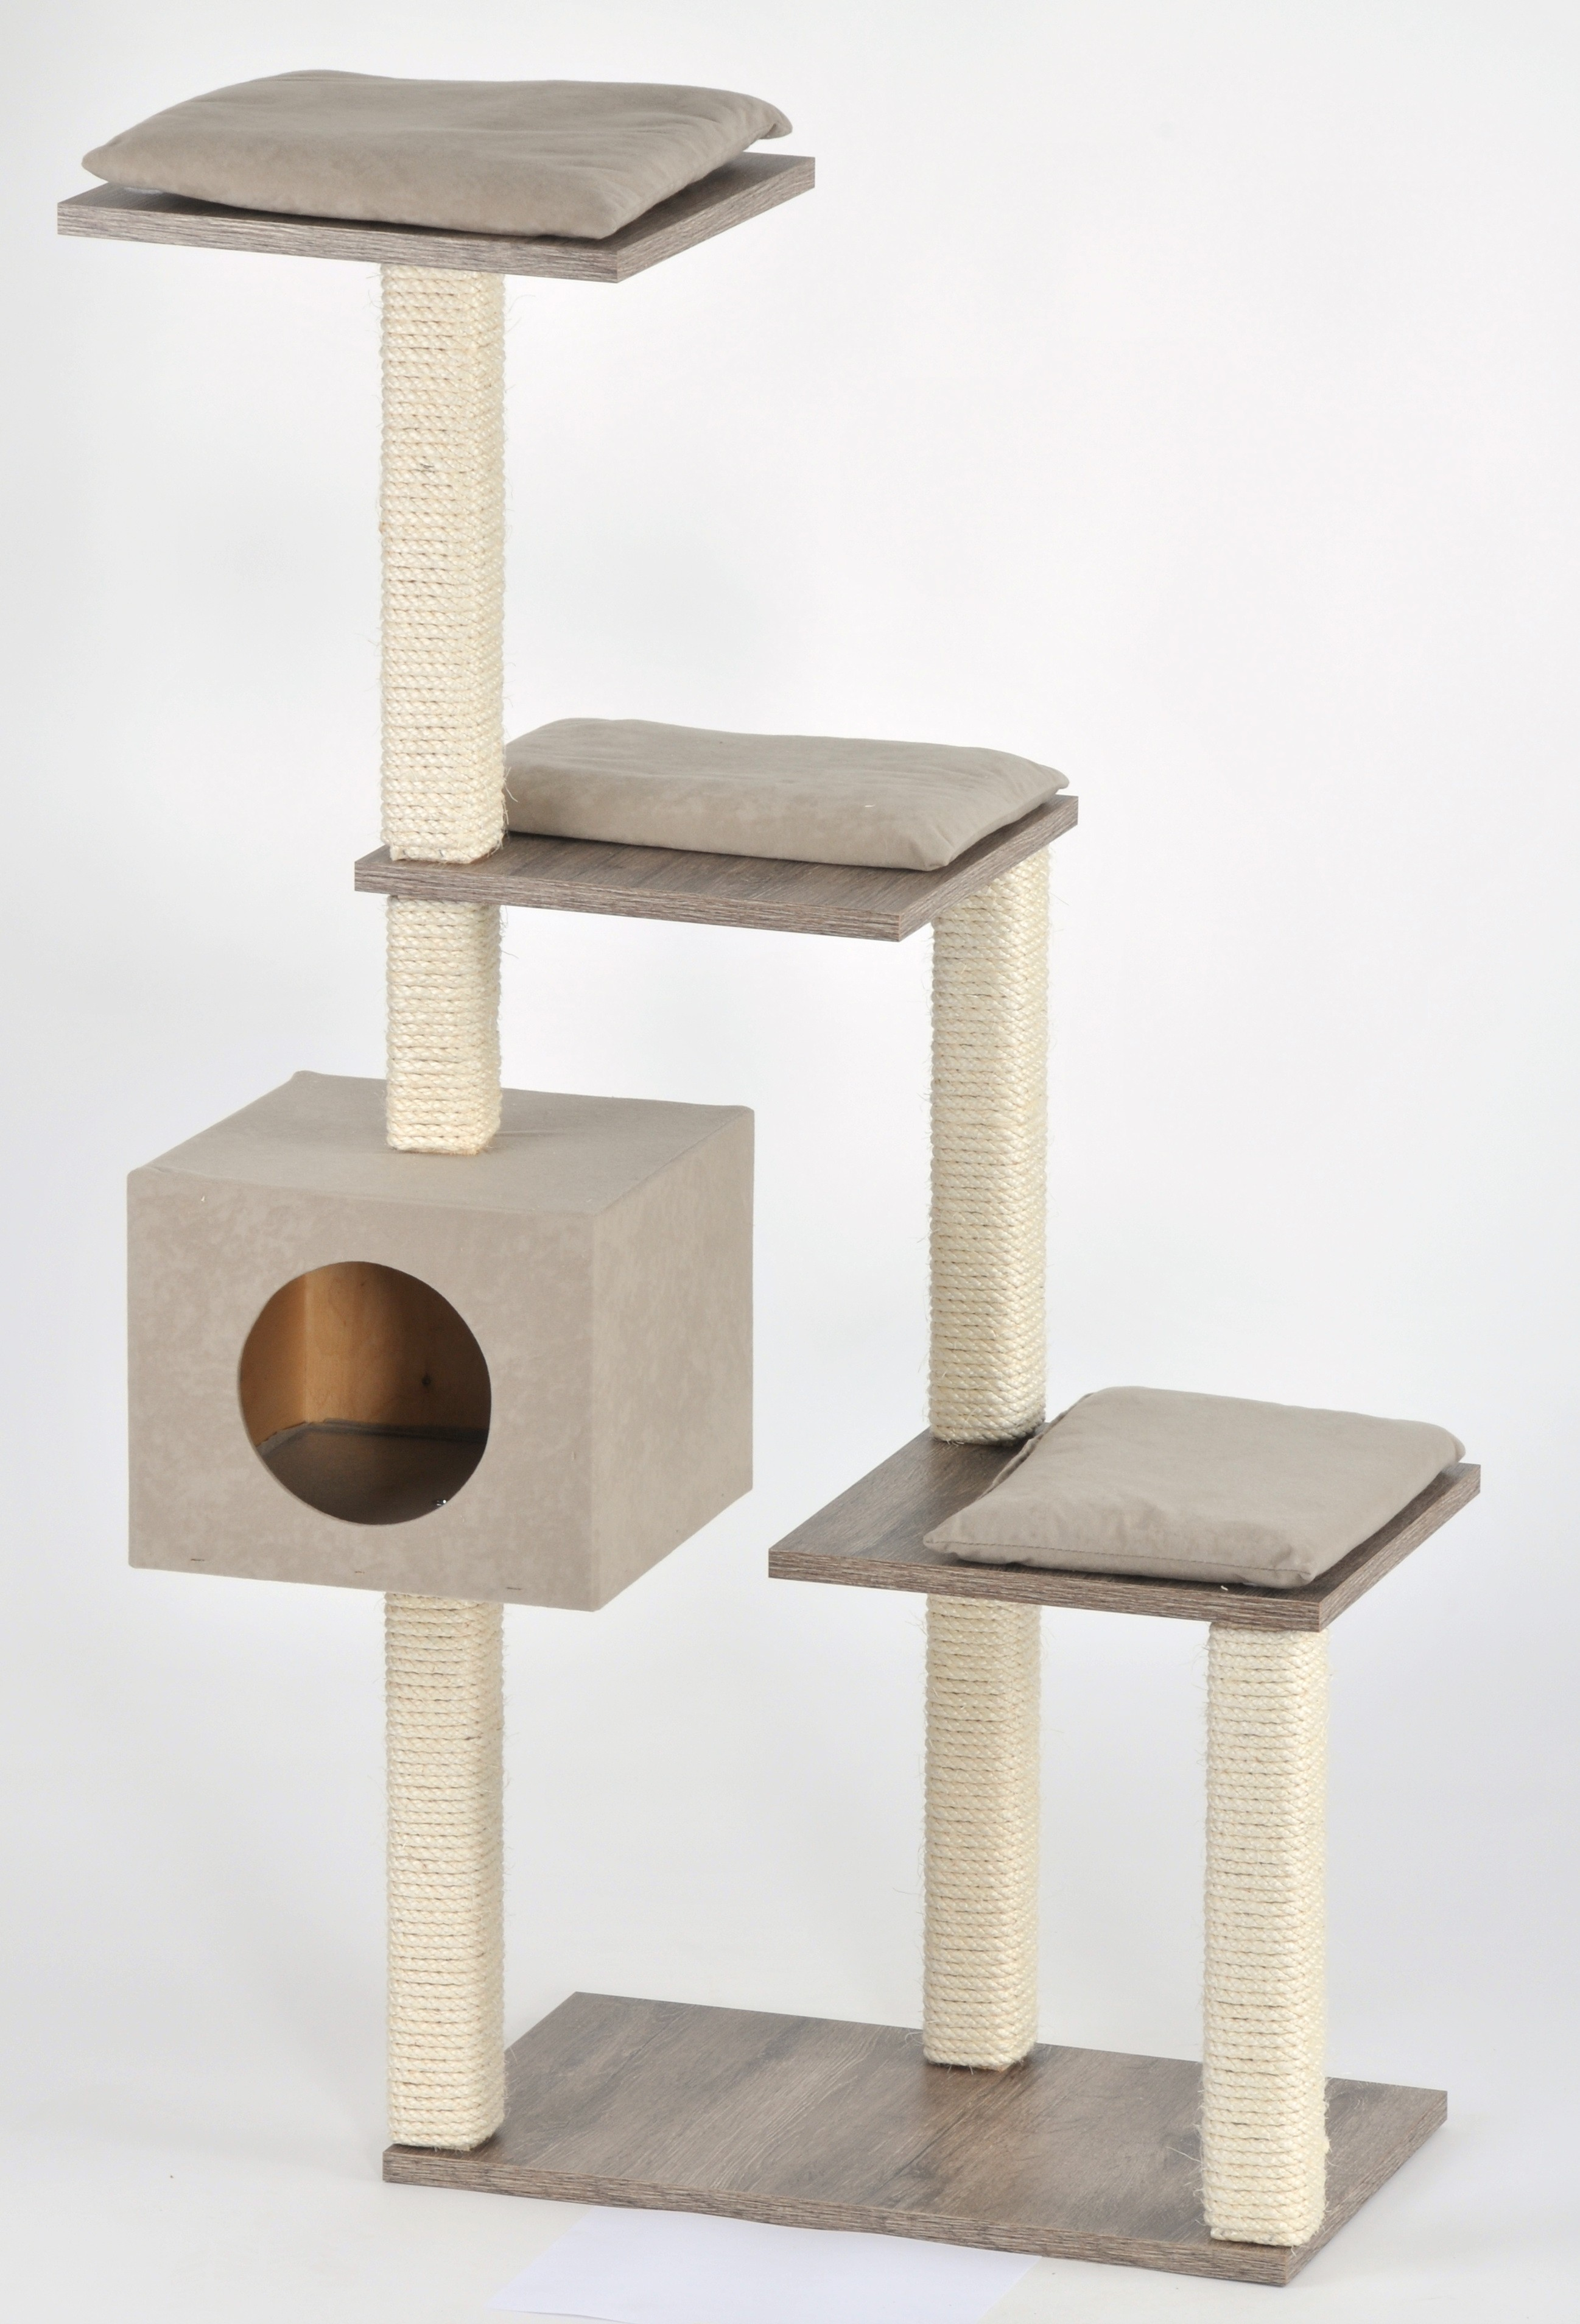 détaillant prix attractif images détaillées Arbre à chat escalier en bois moderne - Silvio Design